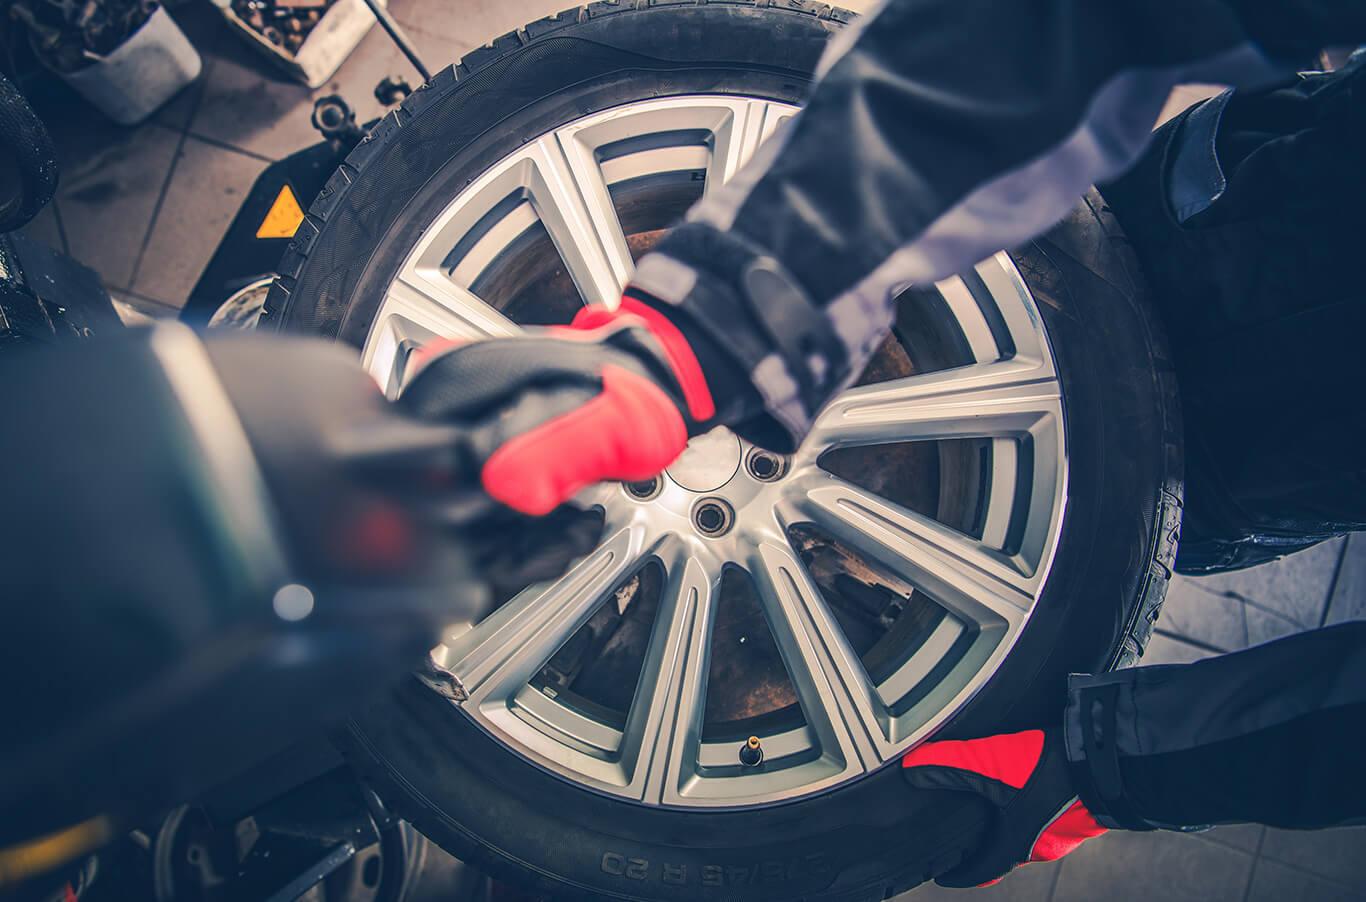 vymena pneumatik